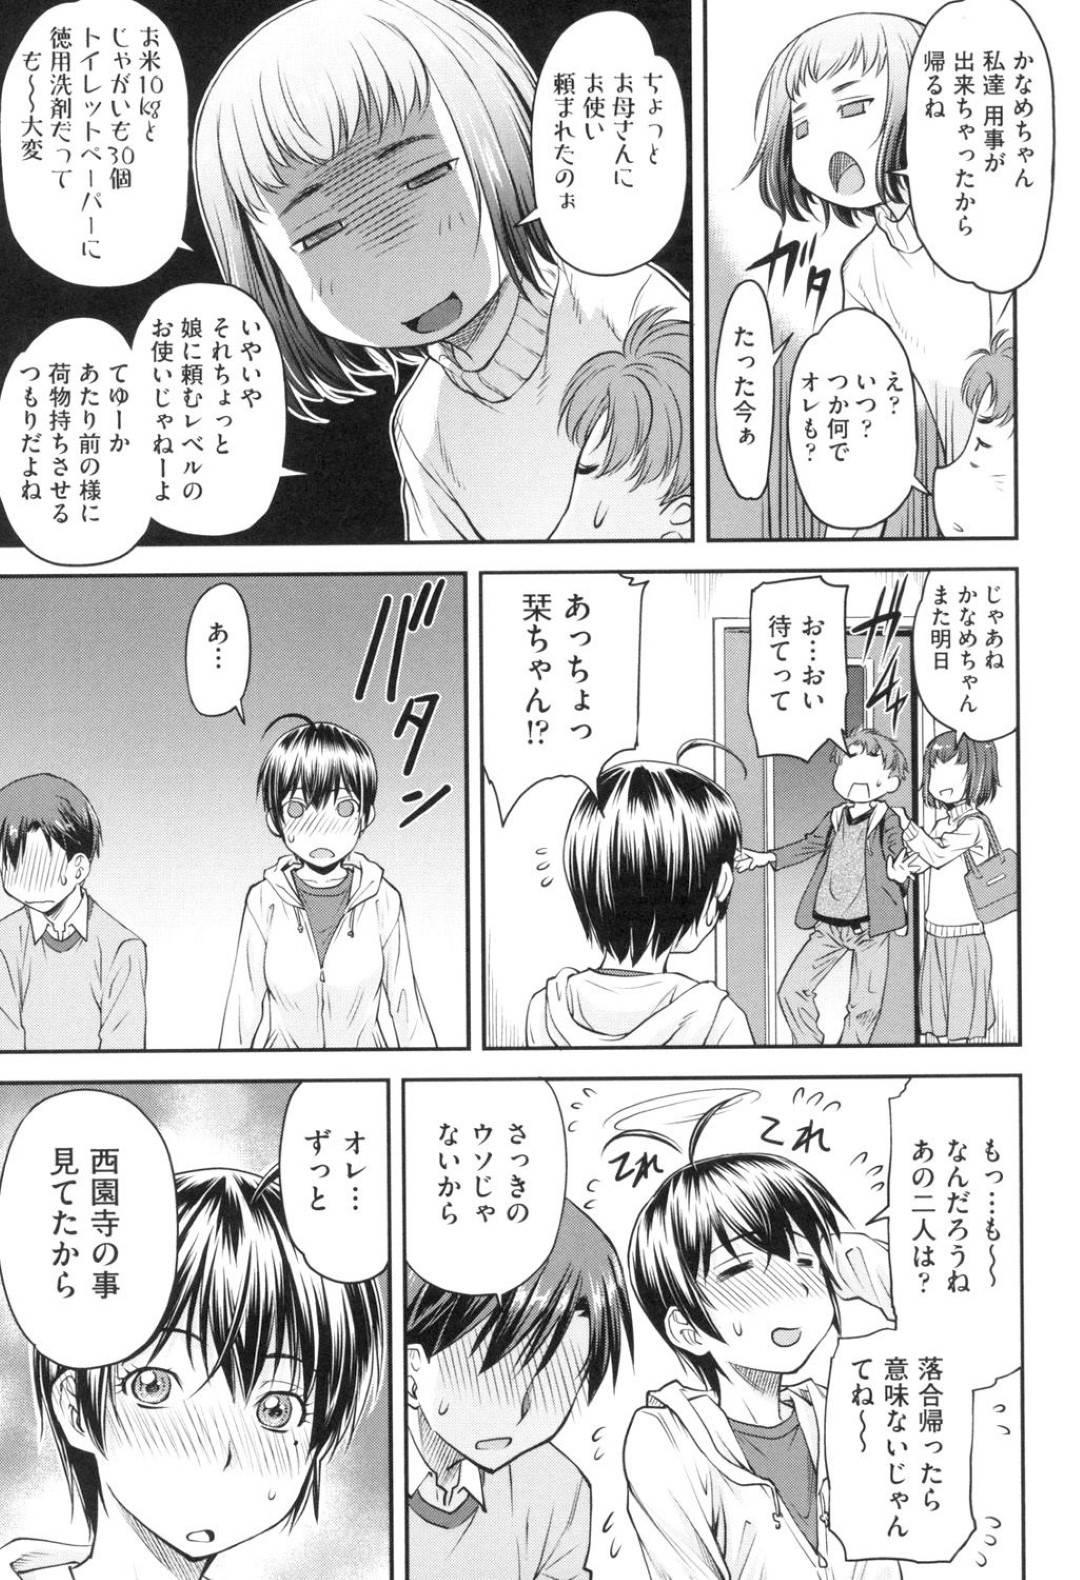 【エロ漫画】片思いの彼をオカズにしながらオナニーをするJK…その後友達との勉強会で2人きりになり告白される!【流一本】